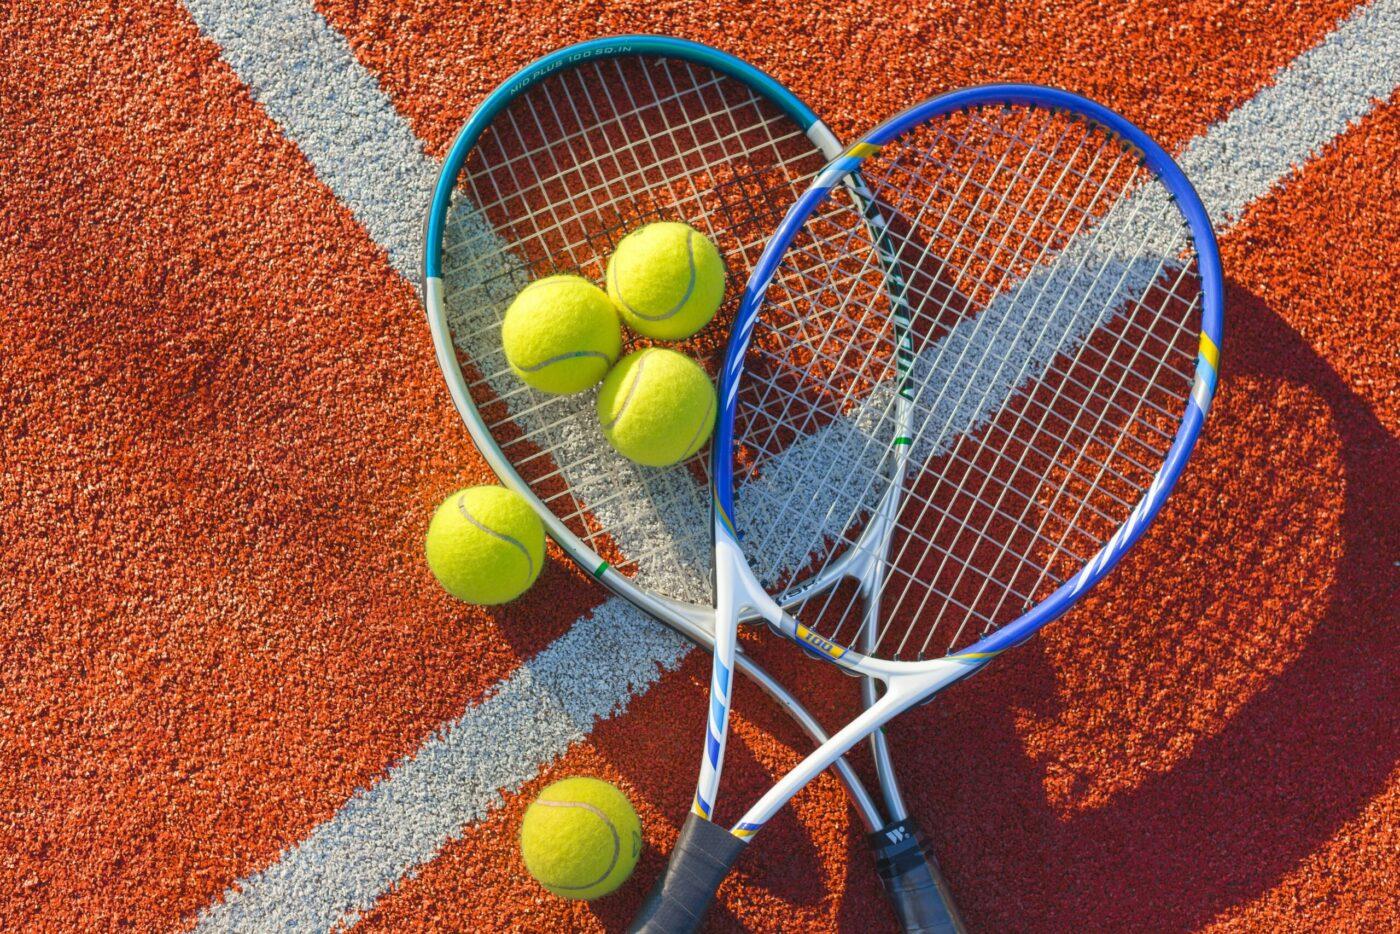 Le partite a tennis: chi è il più bravo?